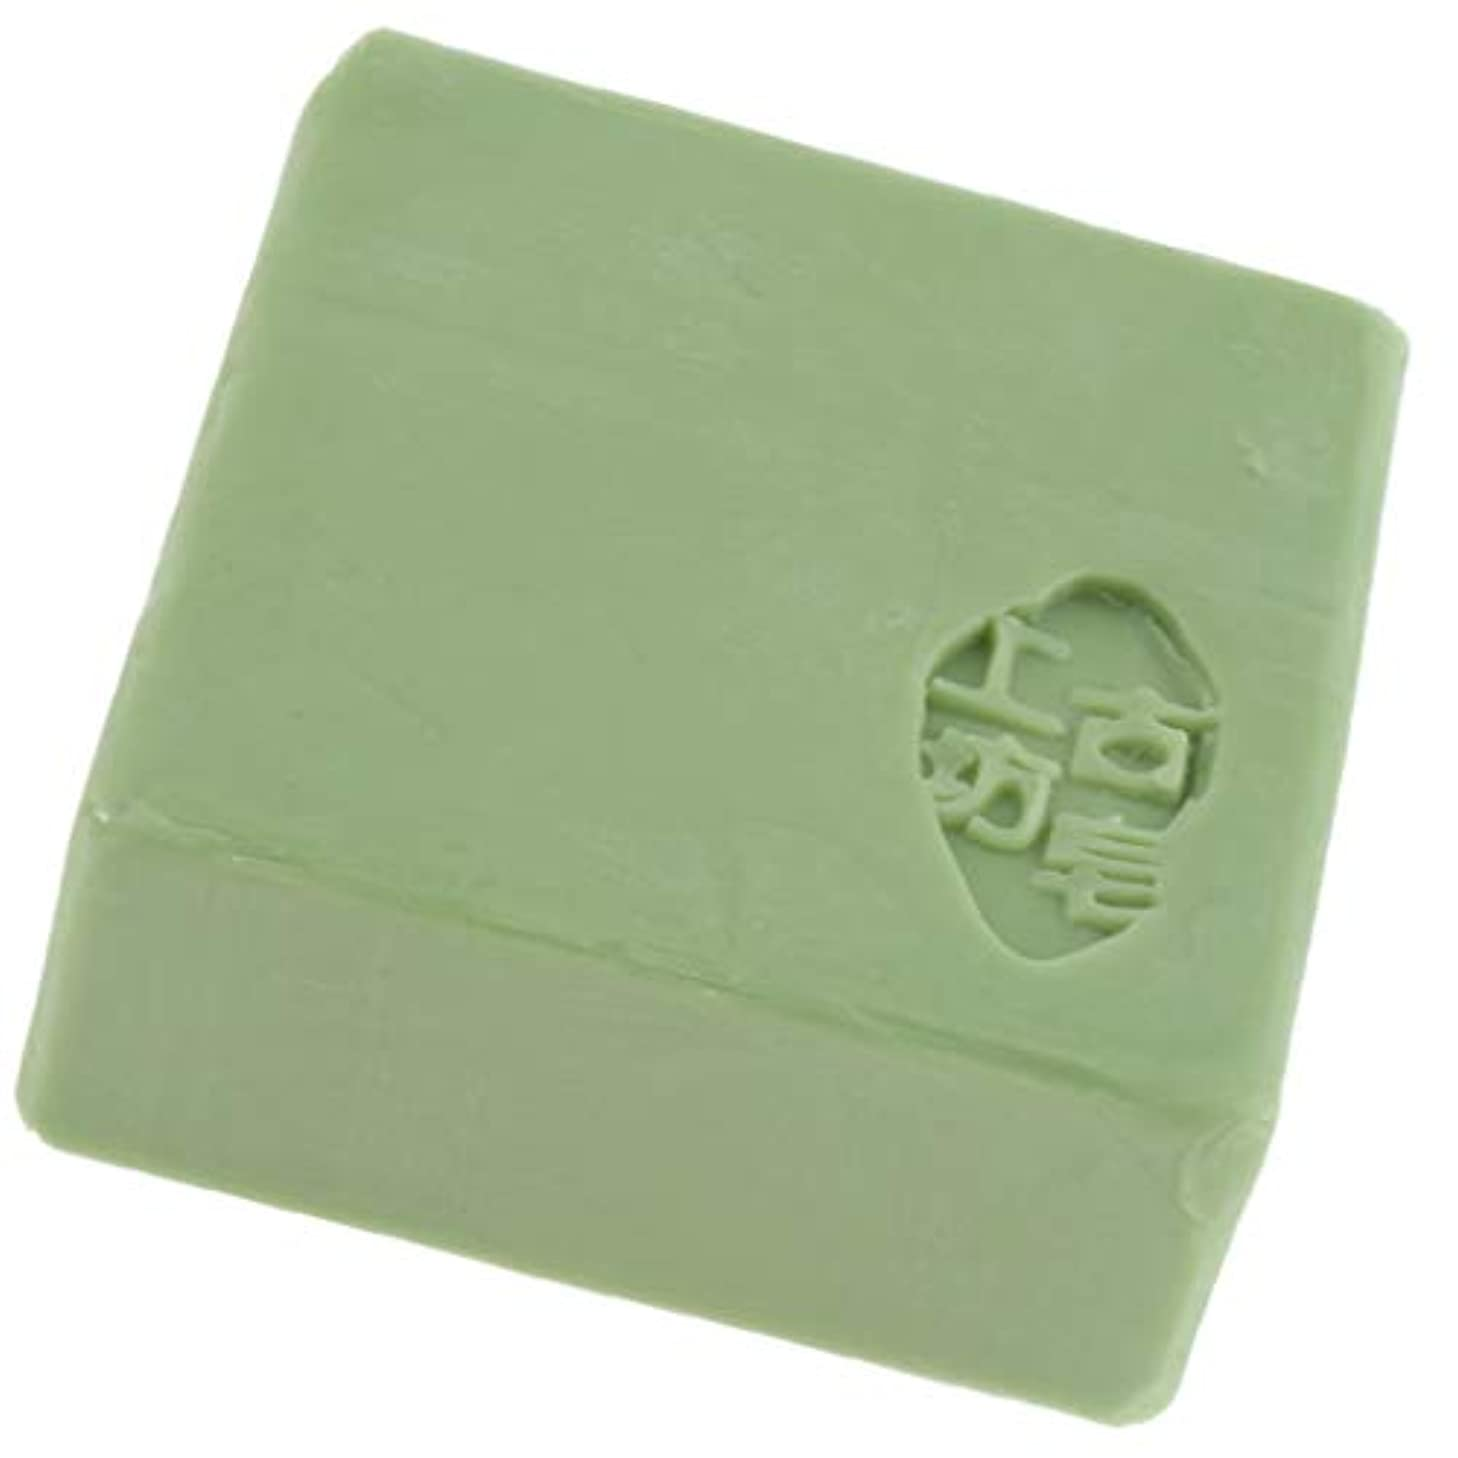 モス戸惑う高揚したバス スキンケア フェイス ボディソープ 石鹸 保湿 好意 全3色 - 緑